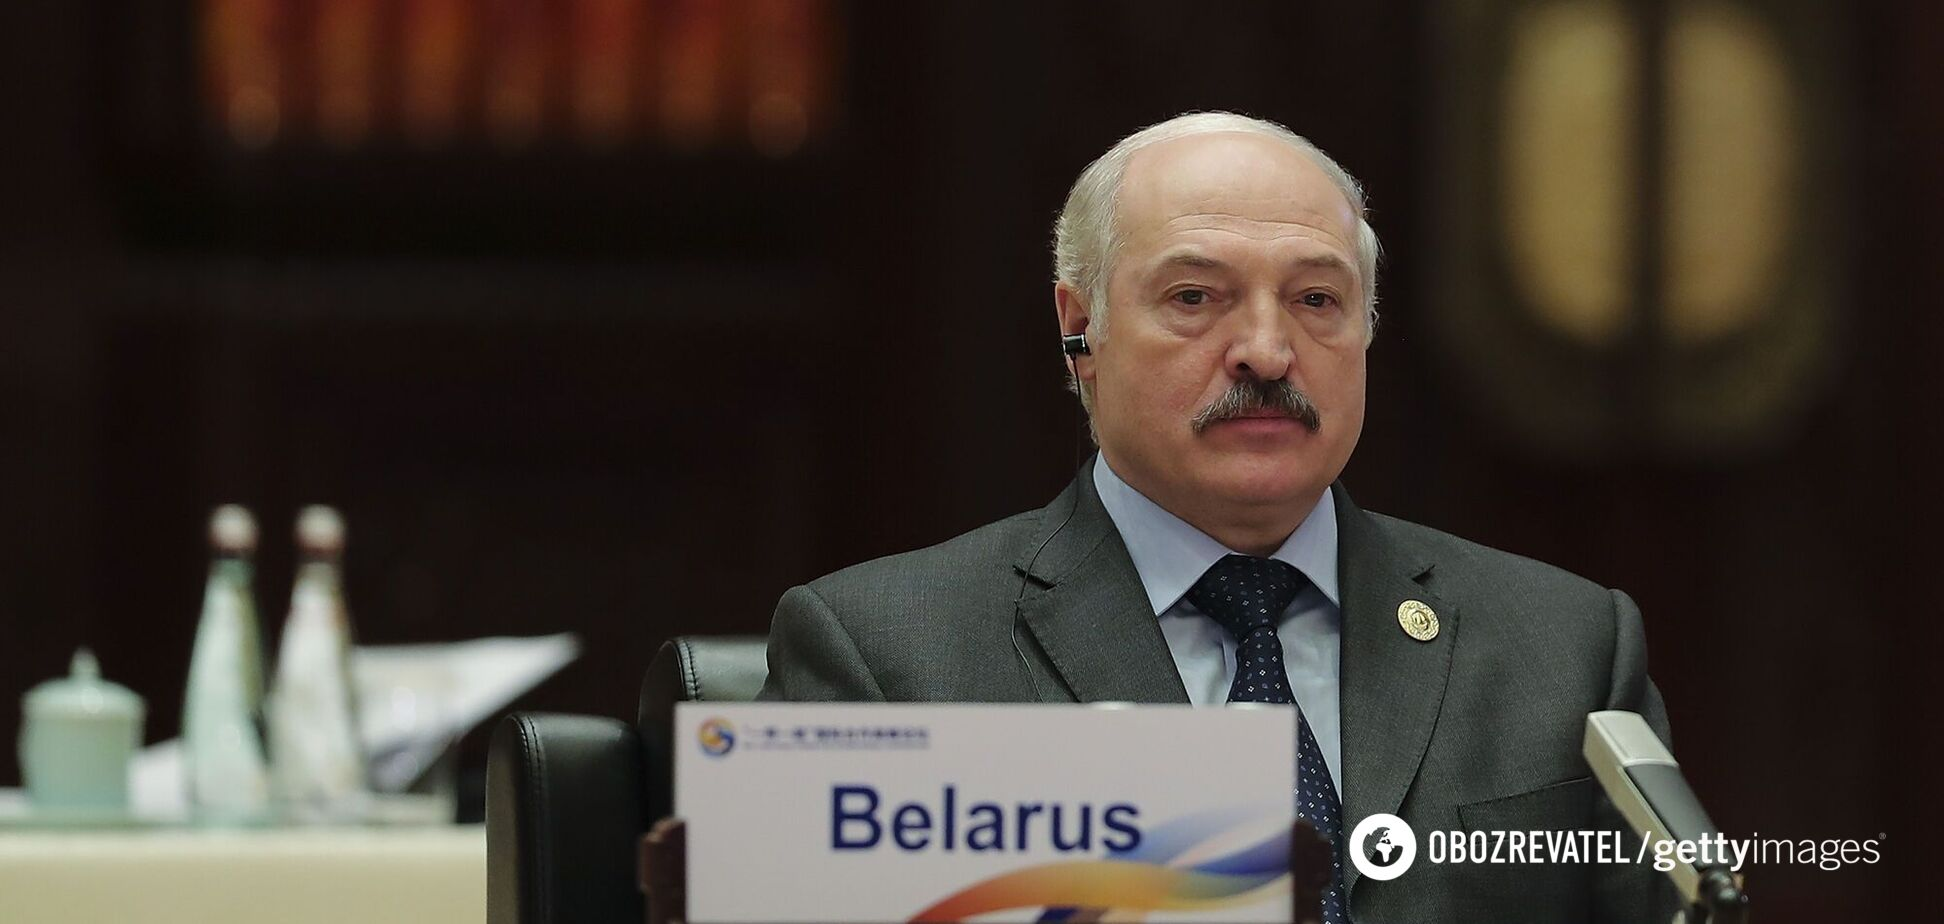 Лукашенко могут скинуть: блогер спрогнозировала эффект от санкций